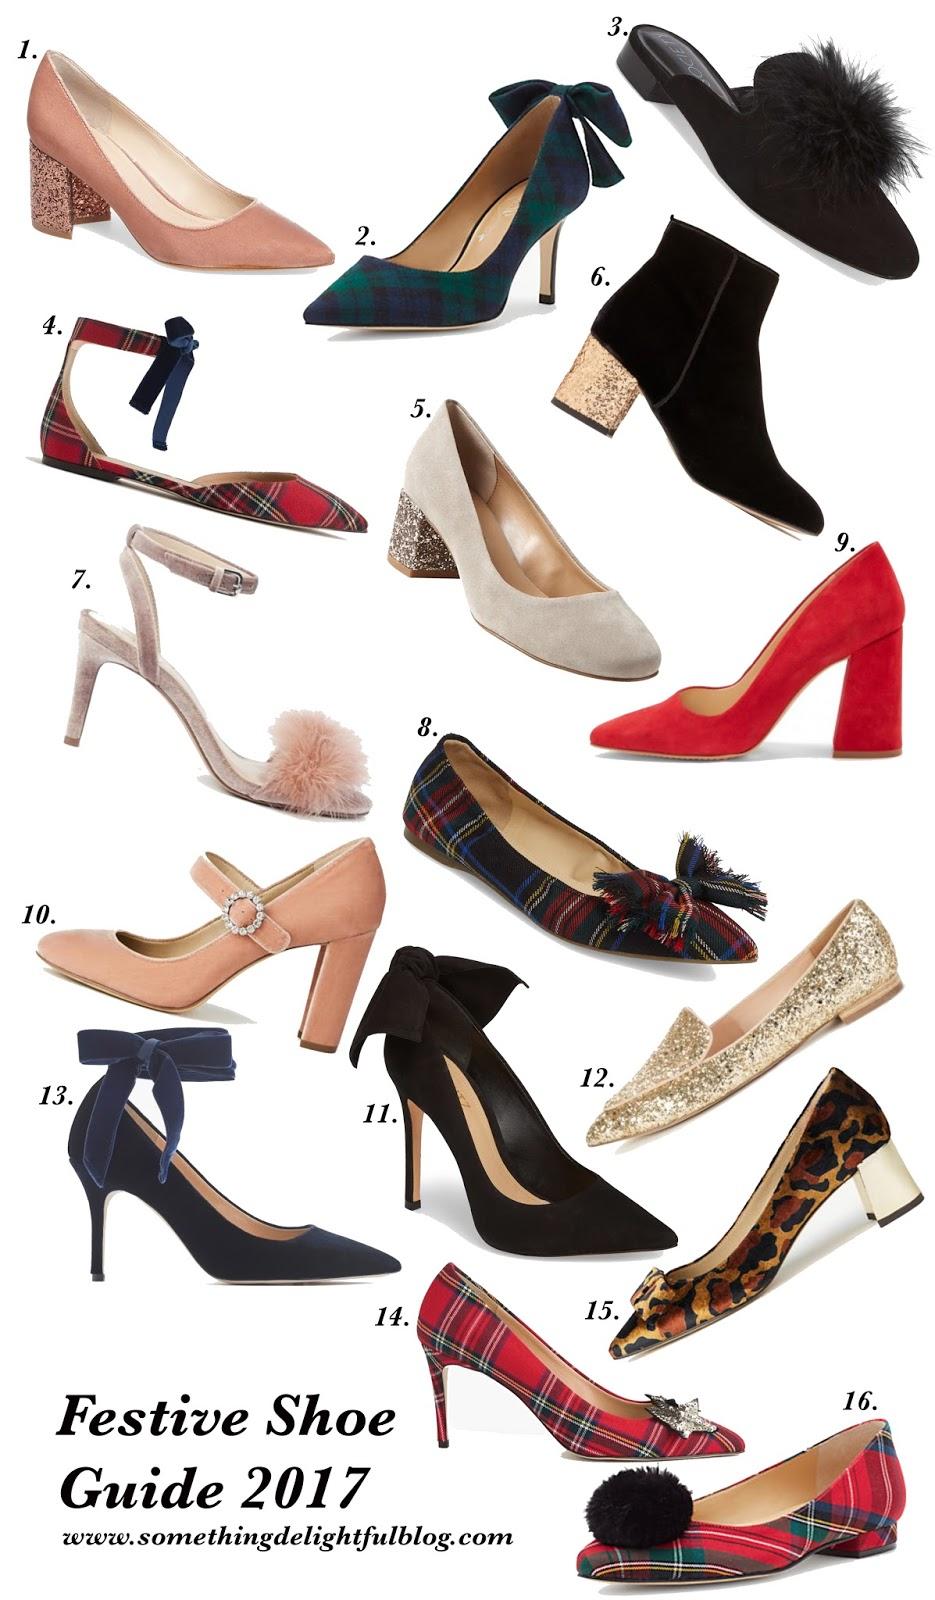 Festive Shoe Guide - Something Delightful Blog